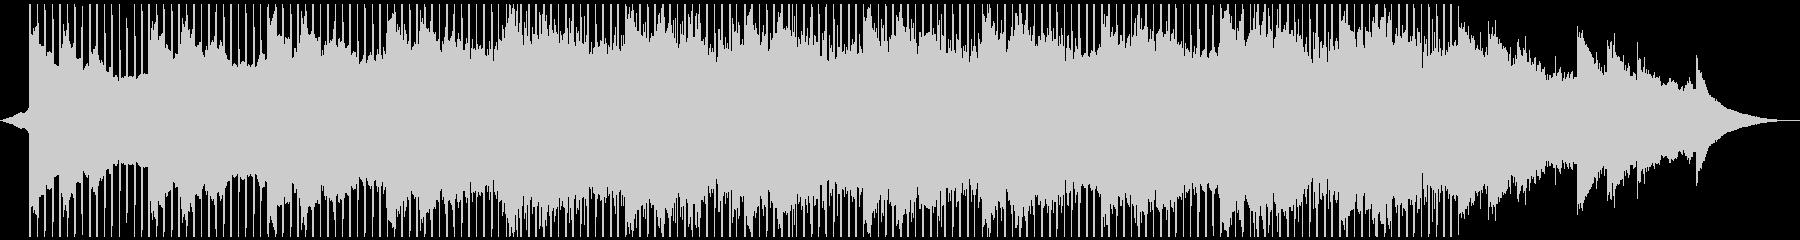 アンビエントミュージック テクノロ...の未再生の波形